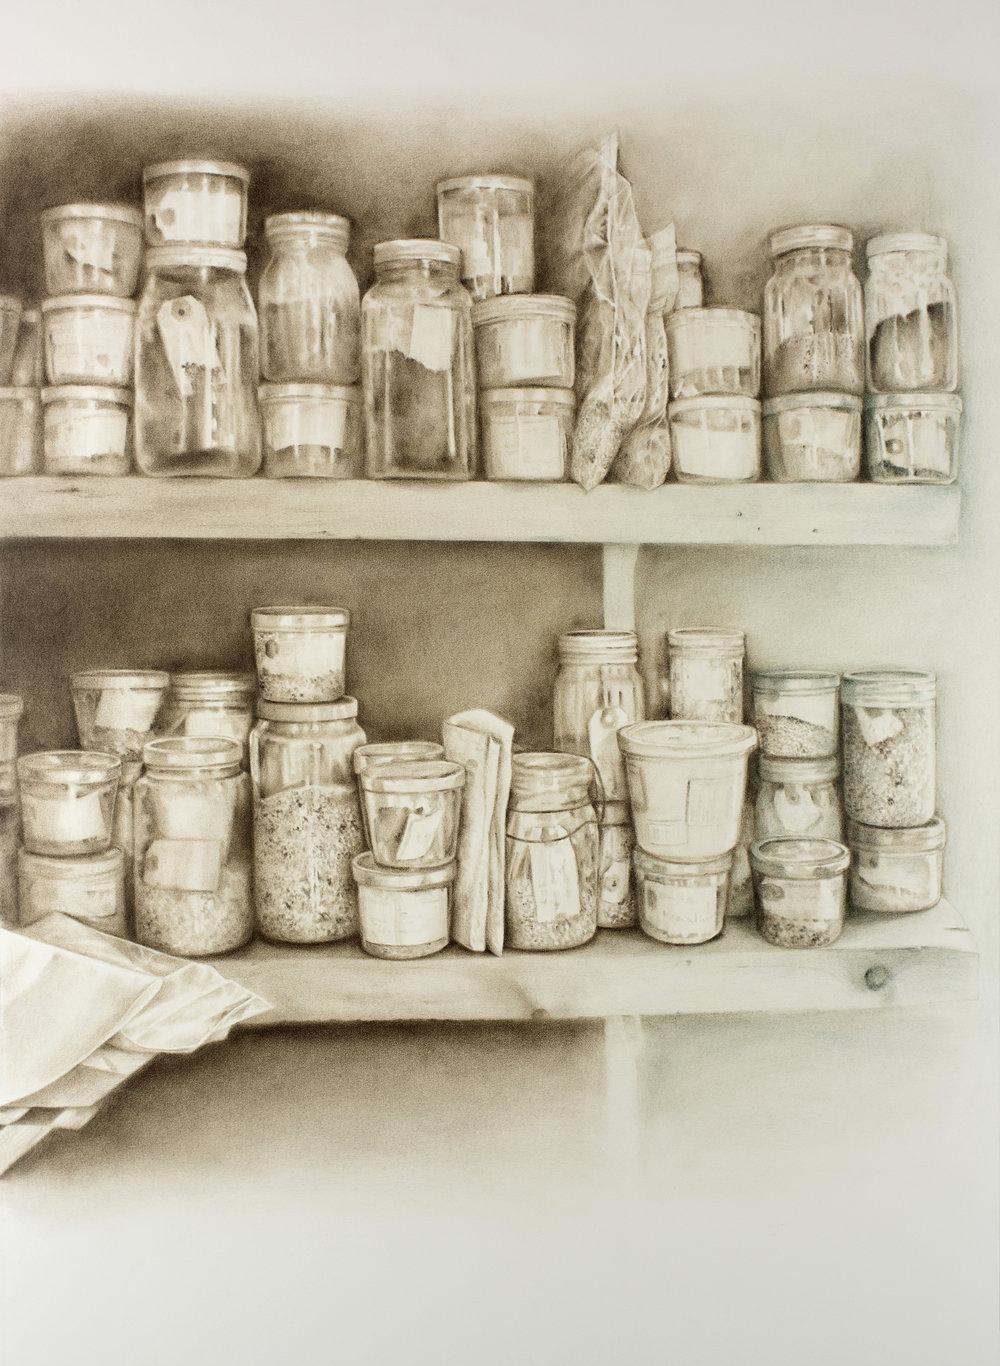 """Andréanne Godin,  La graineterie, de la série 207 rang de l'Embarras , 2018, pigments secs sur papier Arches, 107 x 79 cm (42"""" x 31"""")"""